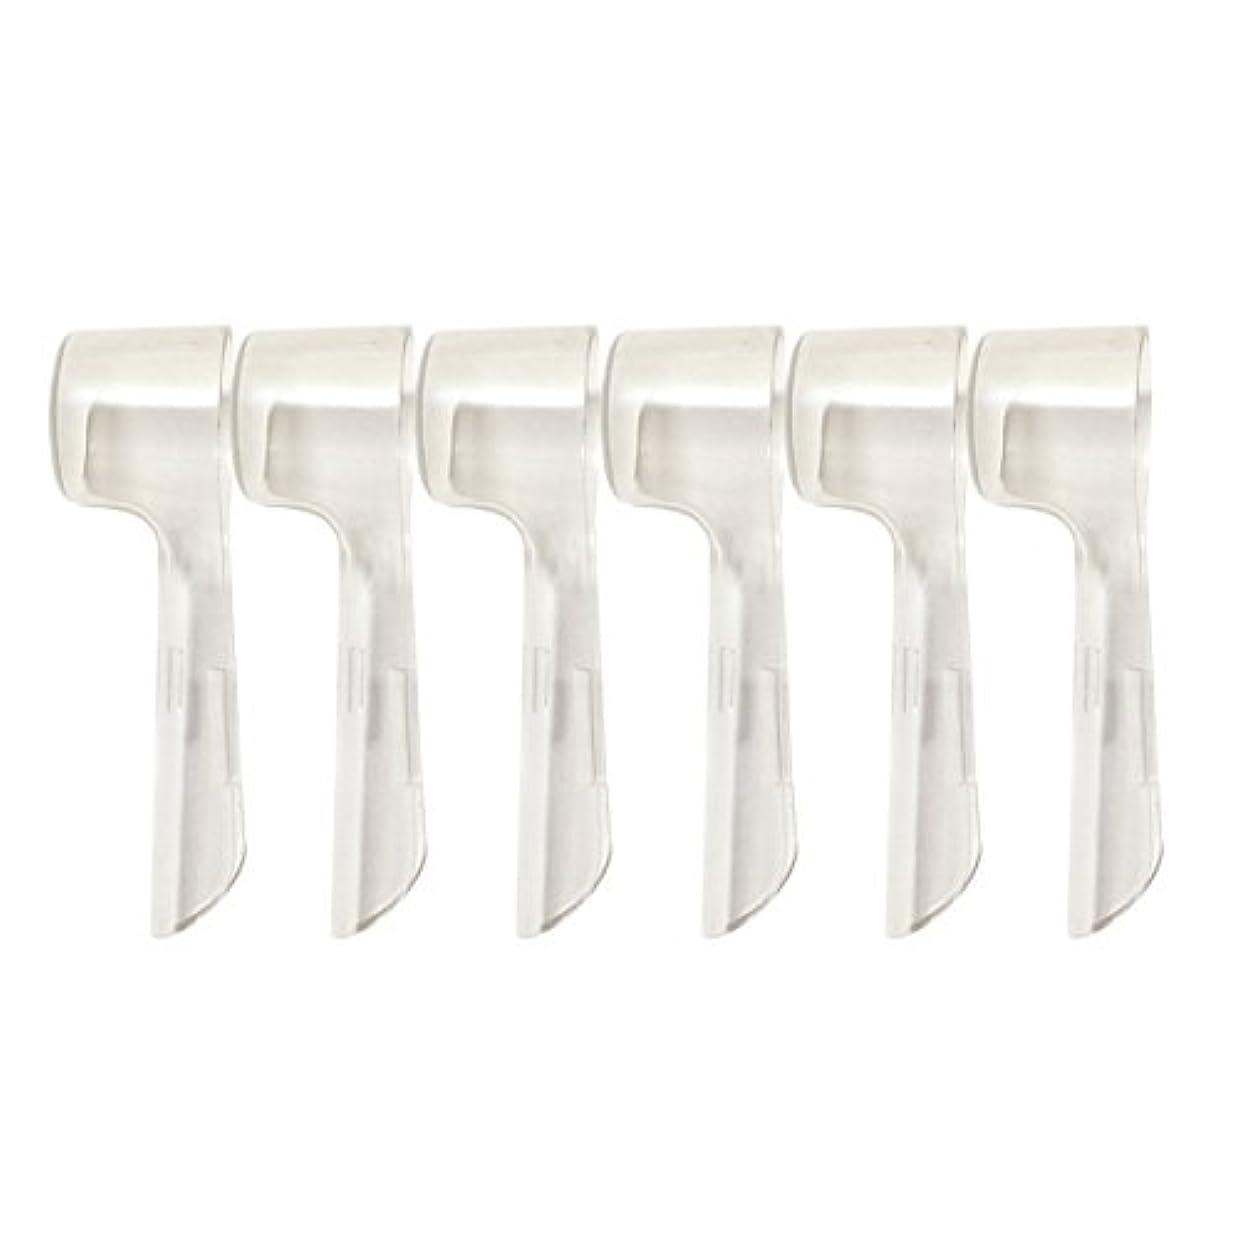 ありふれた聖歌中でSUPVOX 旅行のために便利な電動歯ブラシのための6本の歯ブラシヘッド保護カバーとより衛生的にするために細菌をほこりから守るためのより衛生的な